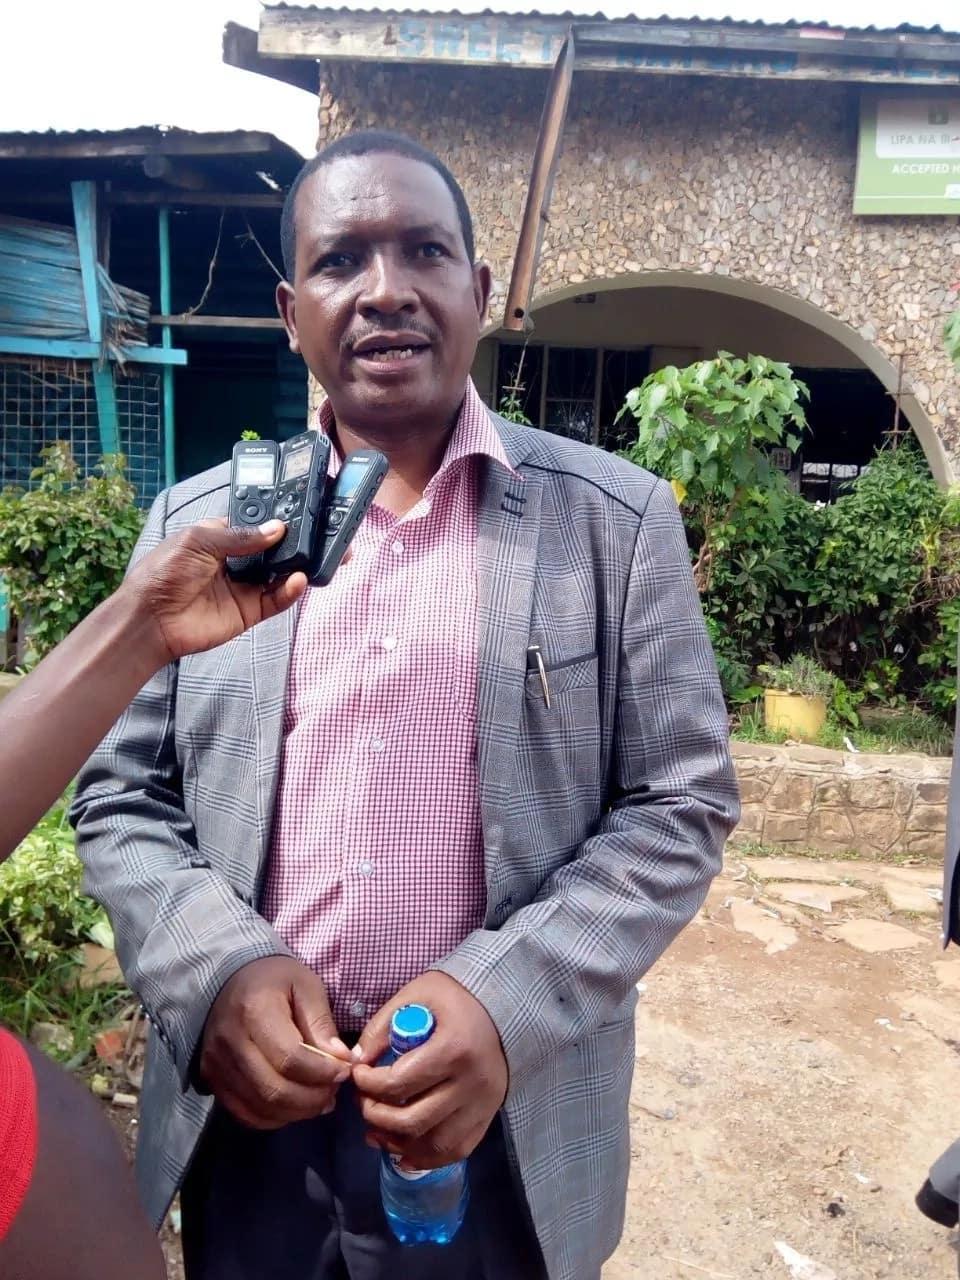 Trekta za kusafirisha miwa zaharamishwa Bungoma kutokana na ongezeko la ajali